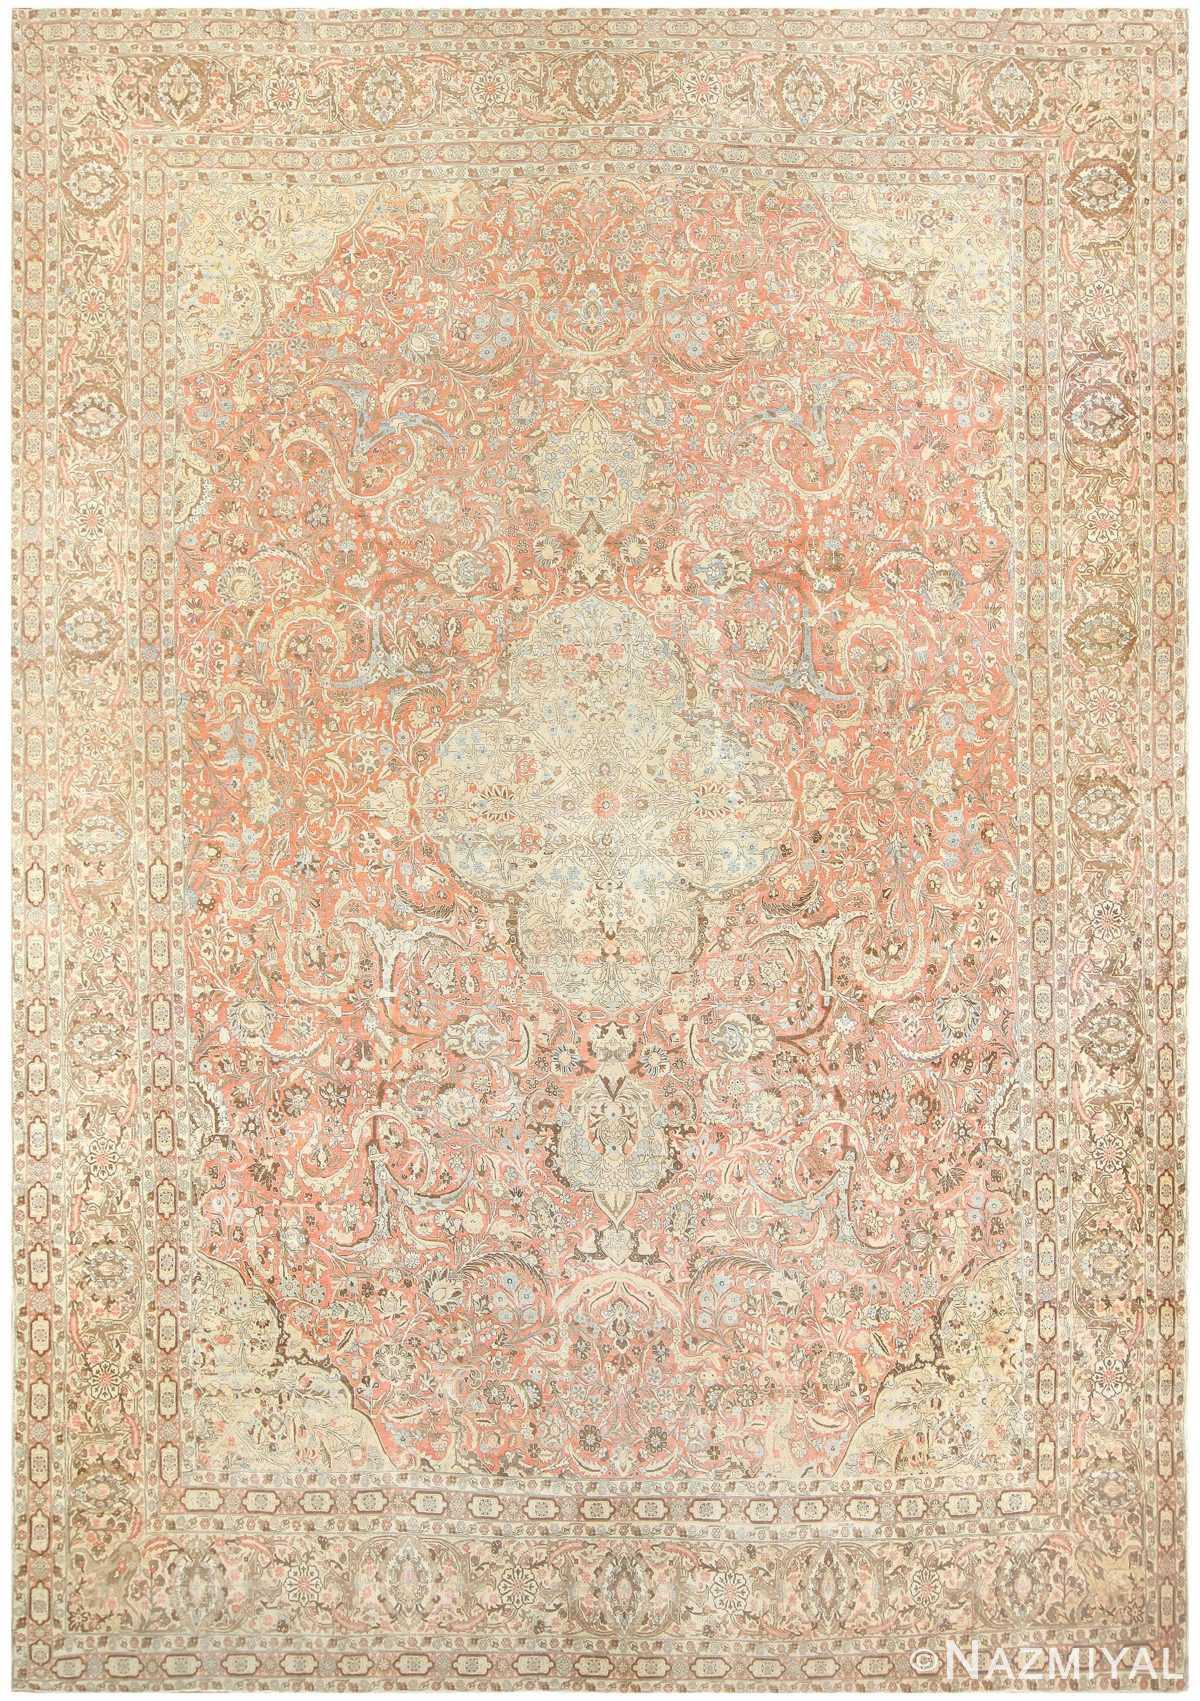 Antique Persian Tabriz Carpet 50111 Nazmiyal